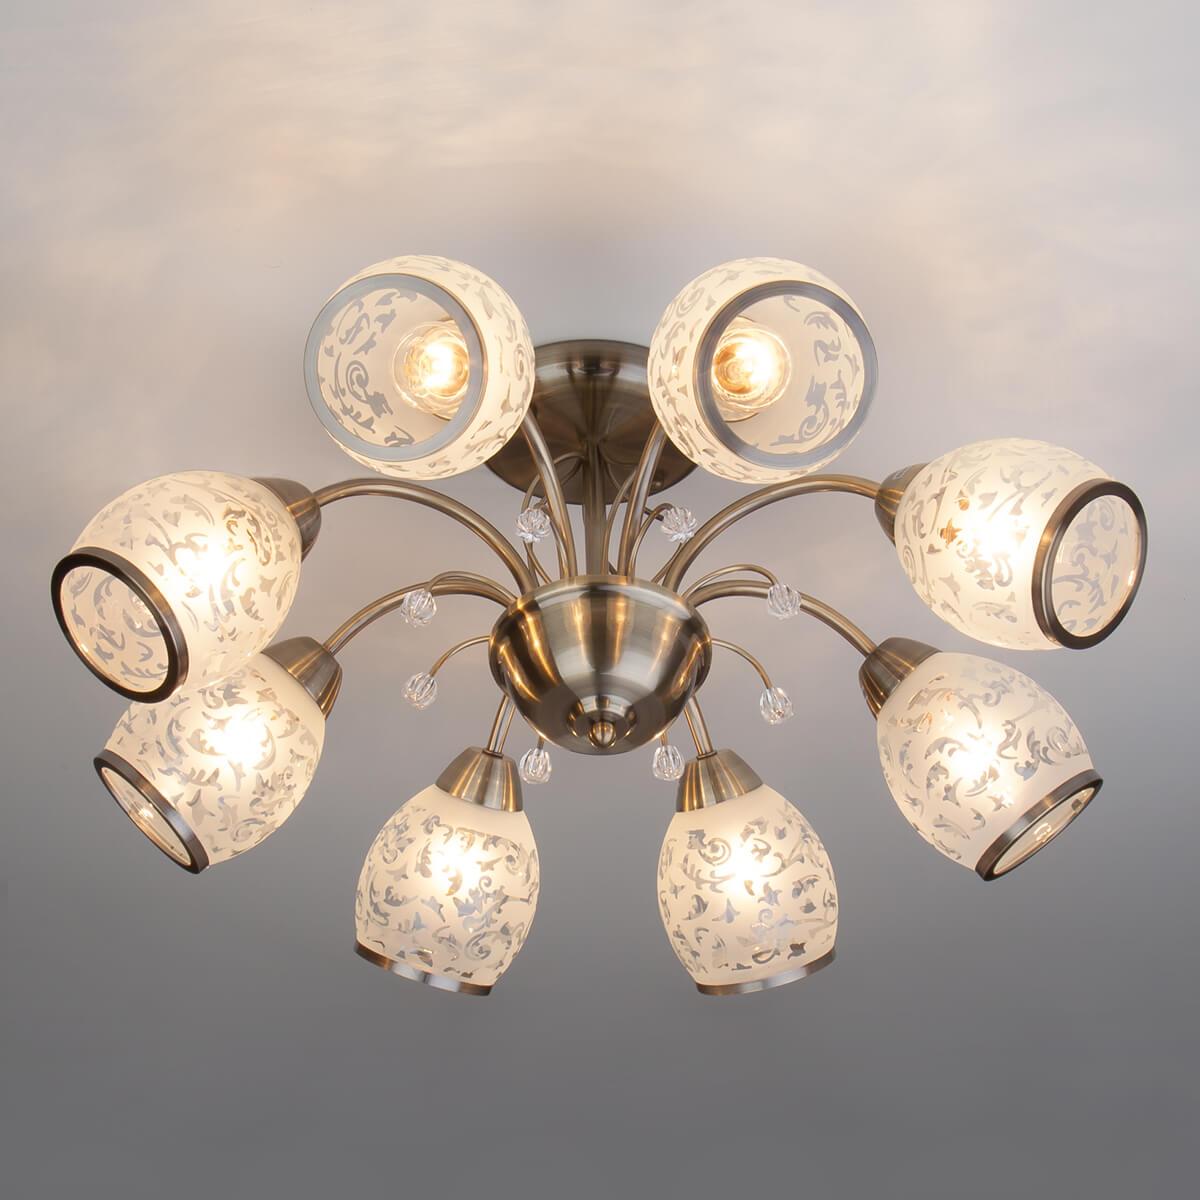 Люстра Eurosvet 30026/8 античная бронза 30026 люстра потолочная eurosvet валери 30026 3 3 лампы 14 м² цвет античная бронза